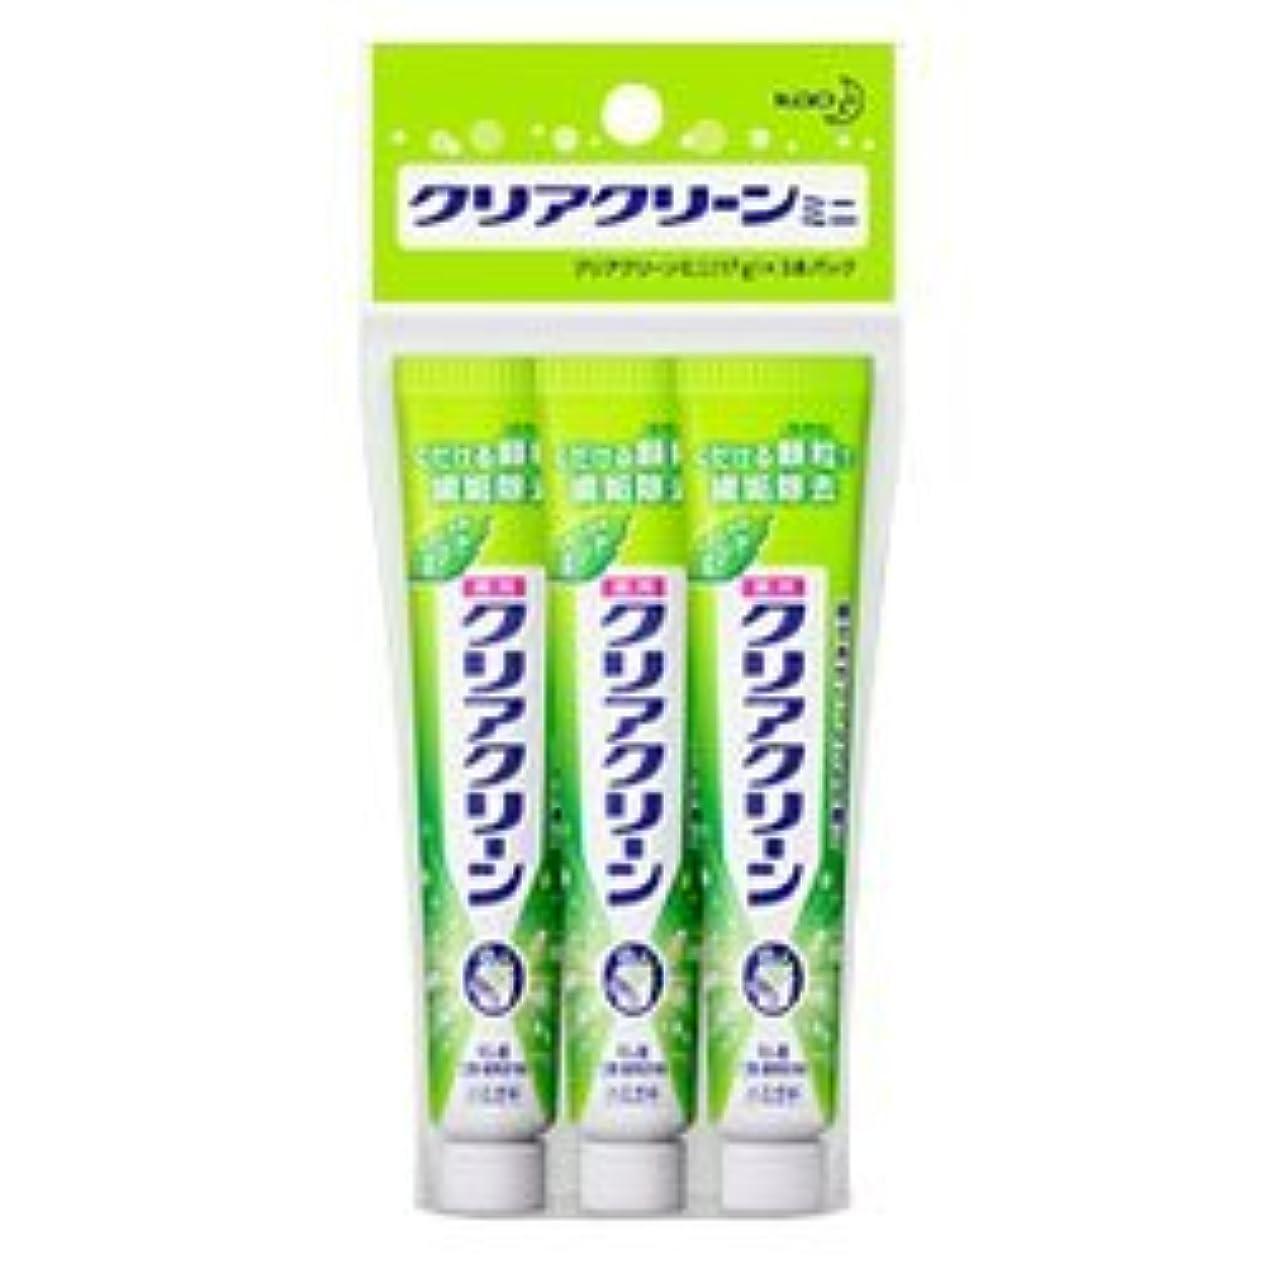 【花王】クリアクリーン ナチュラルミント ミニ 17g×3個 ×5個セット